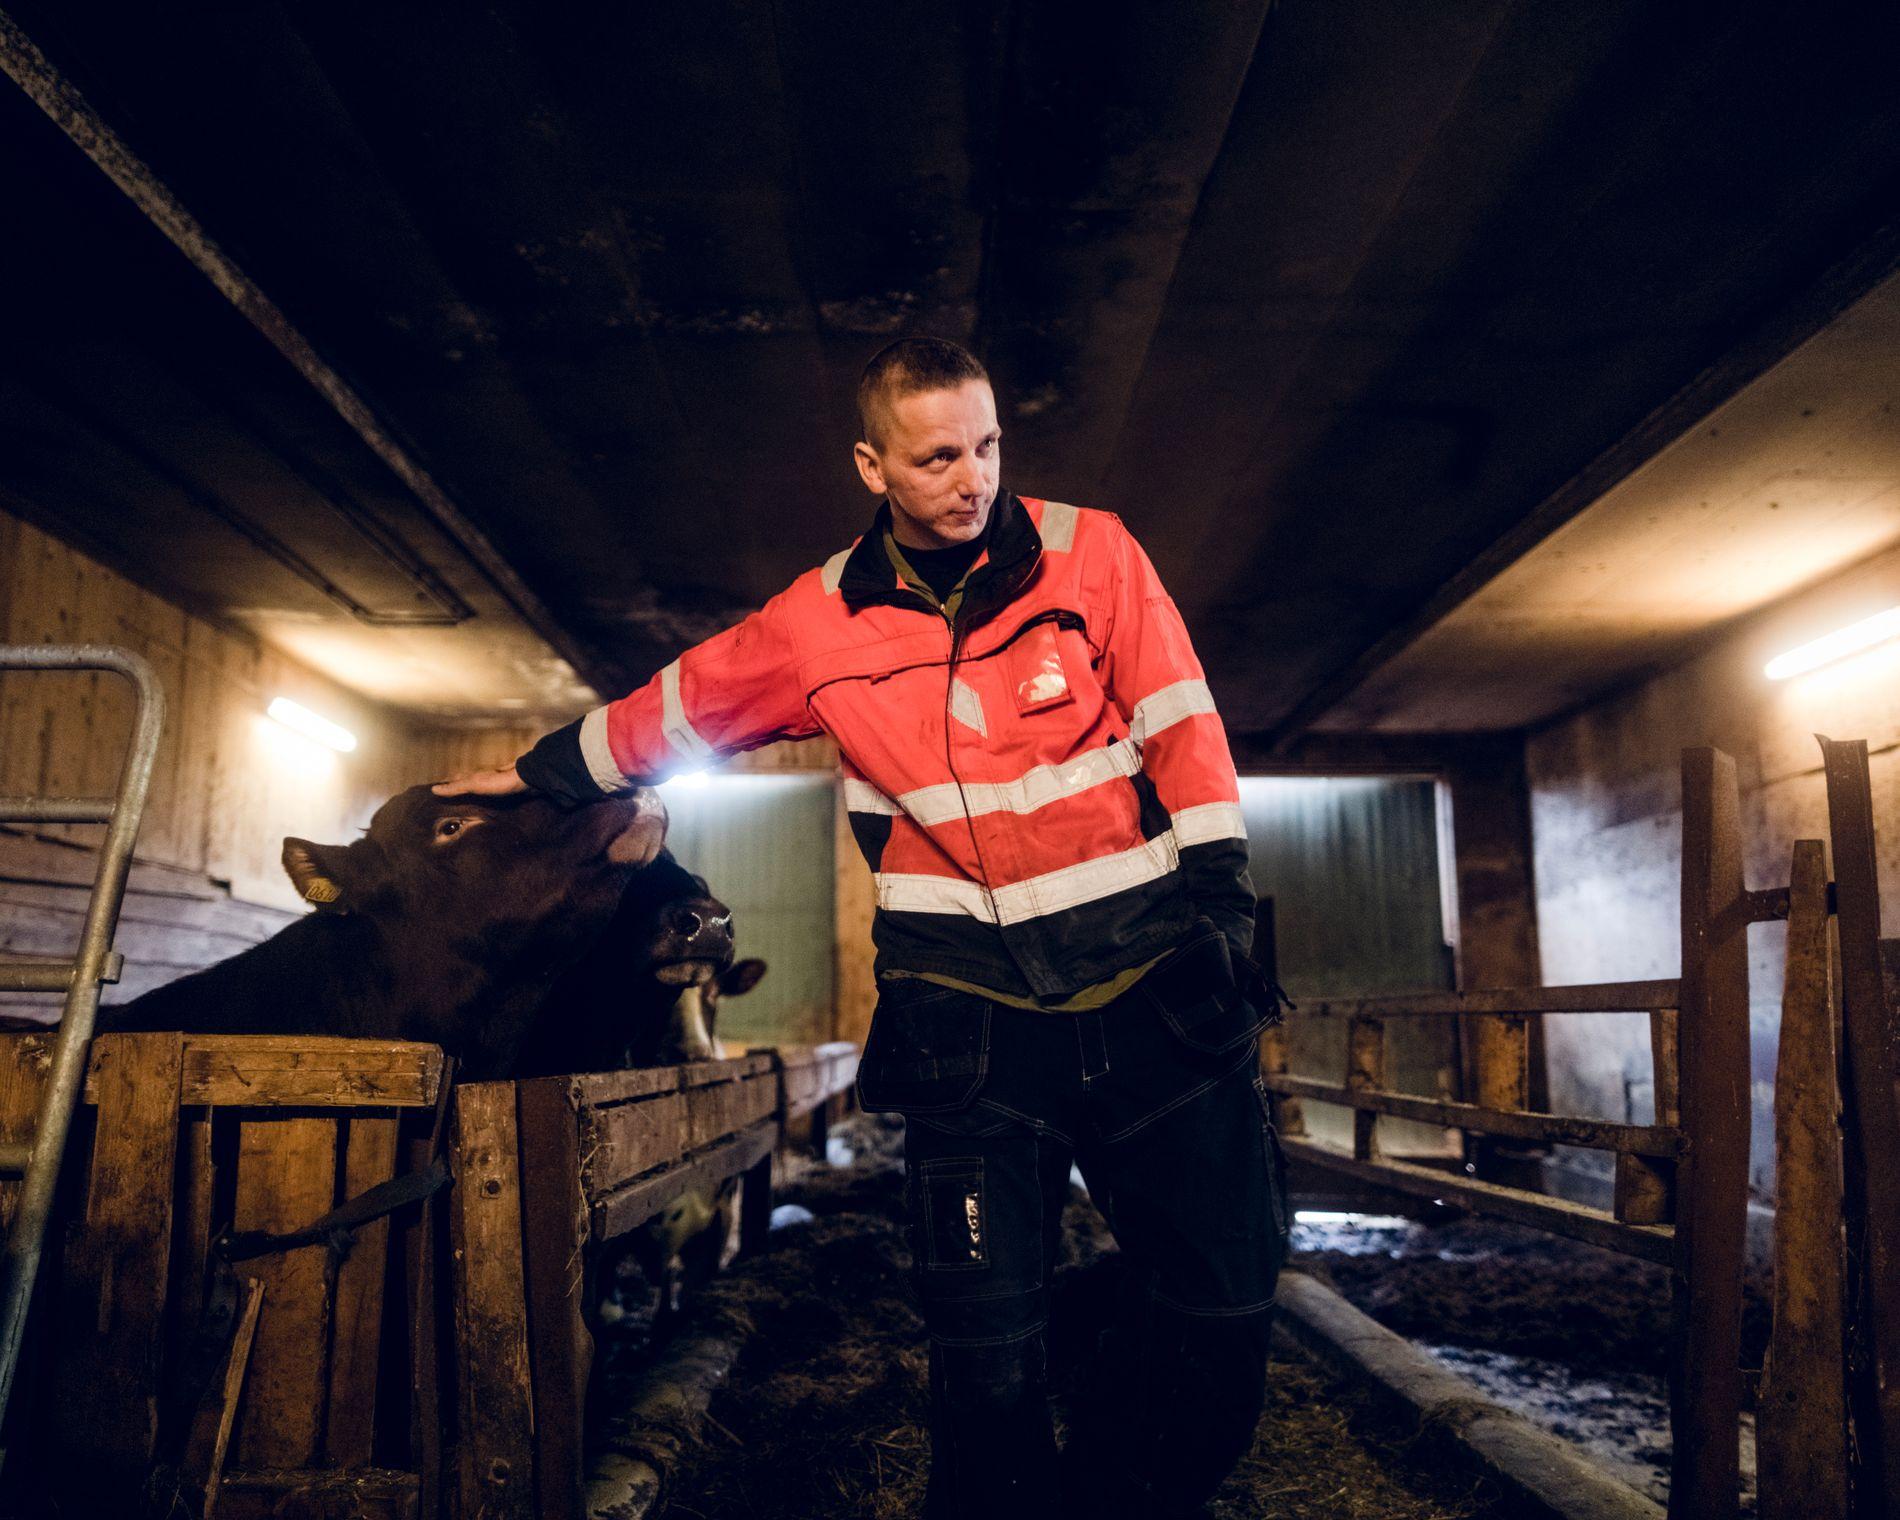 TAKKNEMLIG: Magnus Holøyen opplever at historien til ham og storebrødrene både engasjerer og opprører.